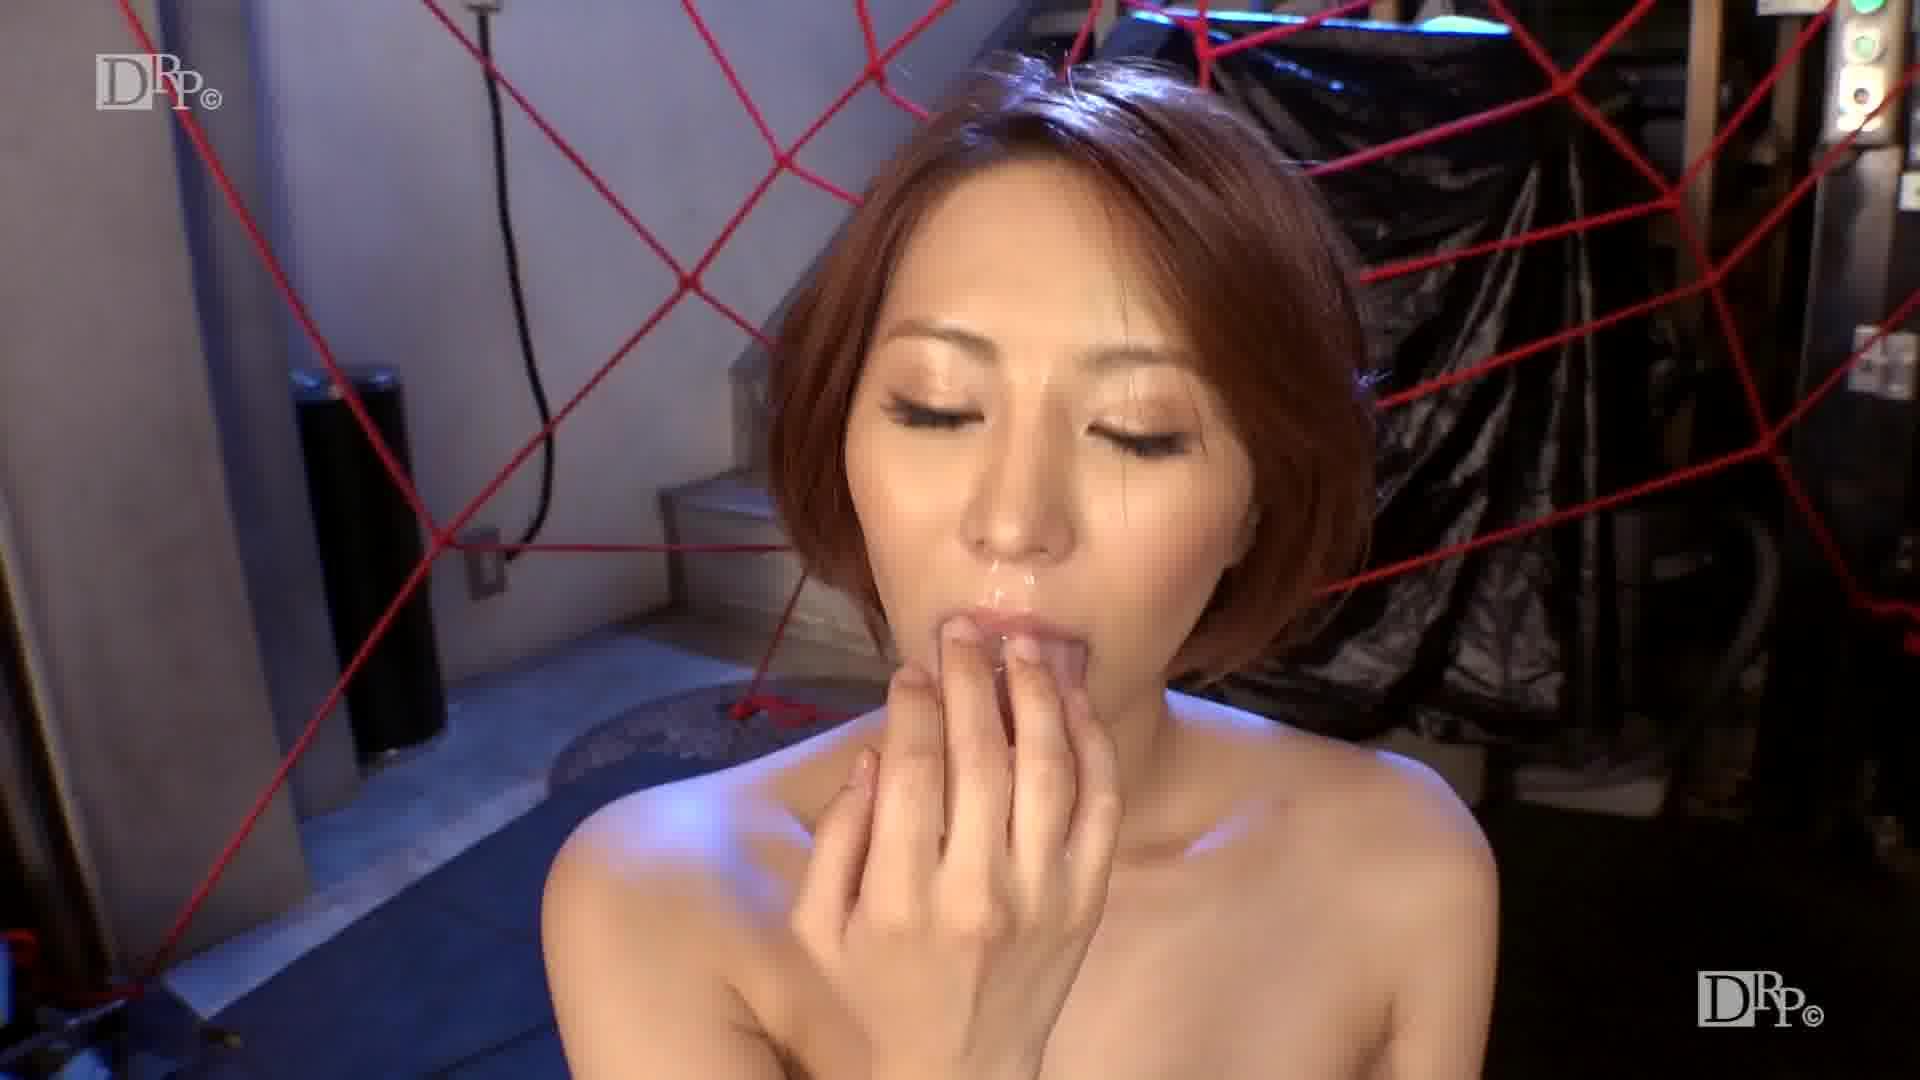 ダイナマイト 枢木みかん - 枢木みかん【巨乳・美尻・美脚】